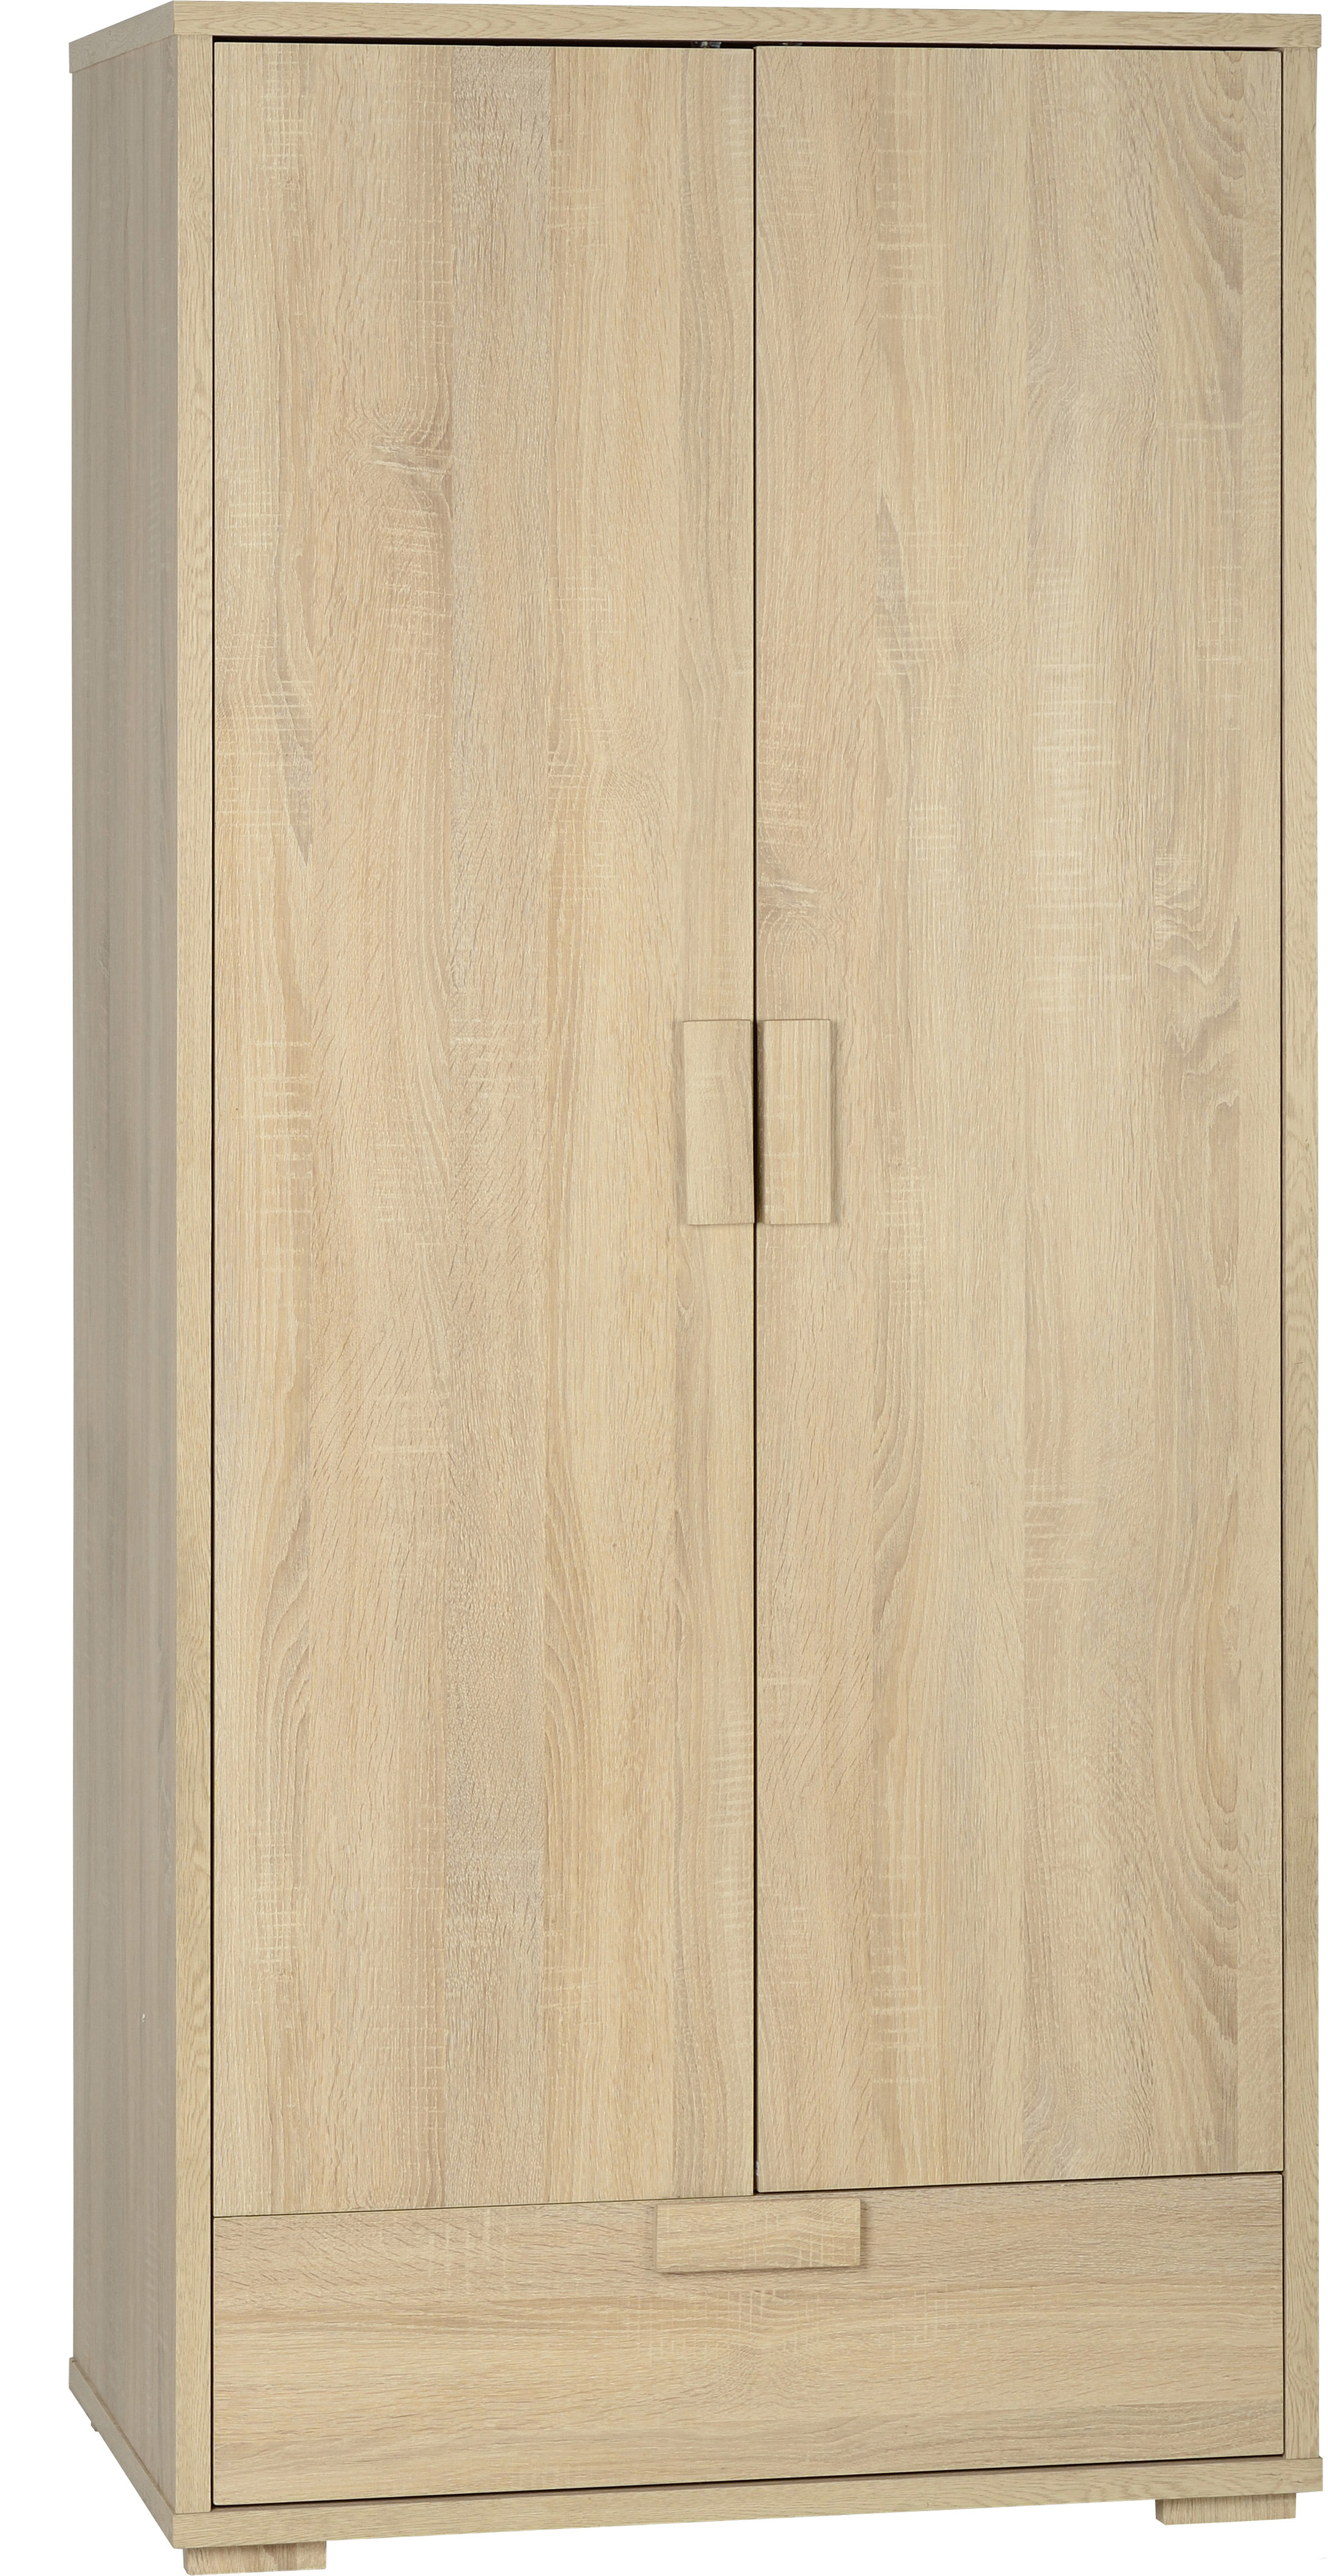 Cambourne 2 Door 1 Drawer Wardrobe